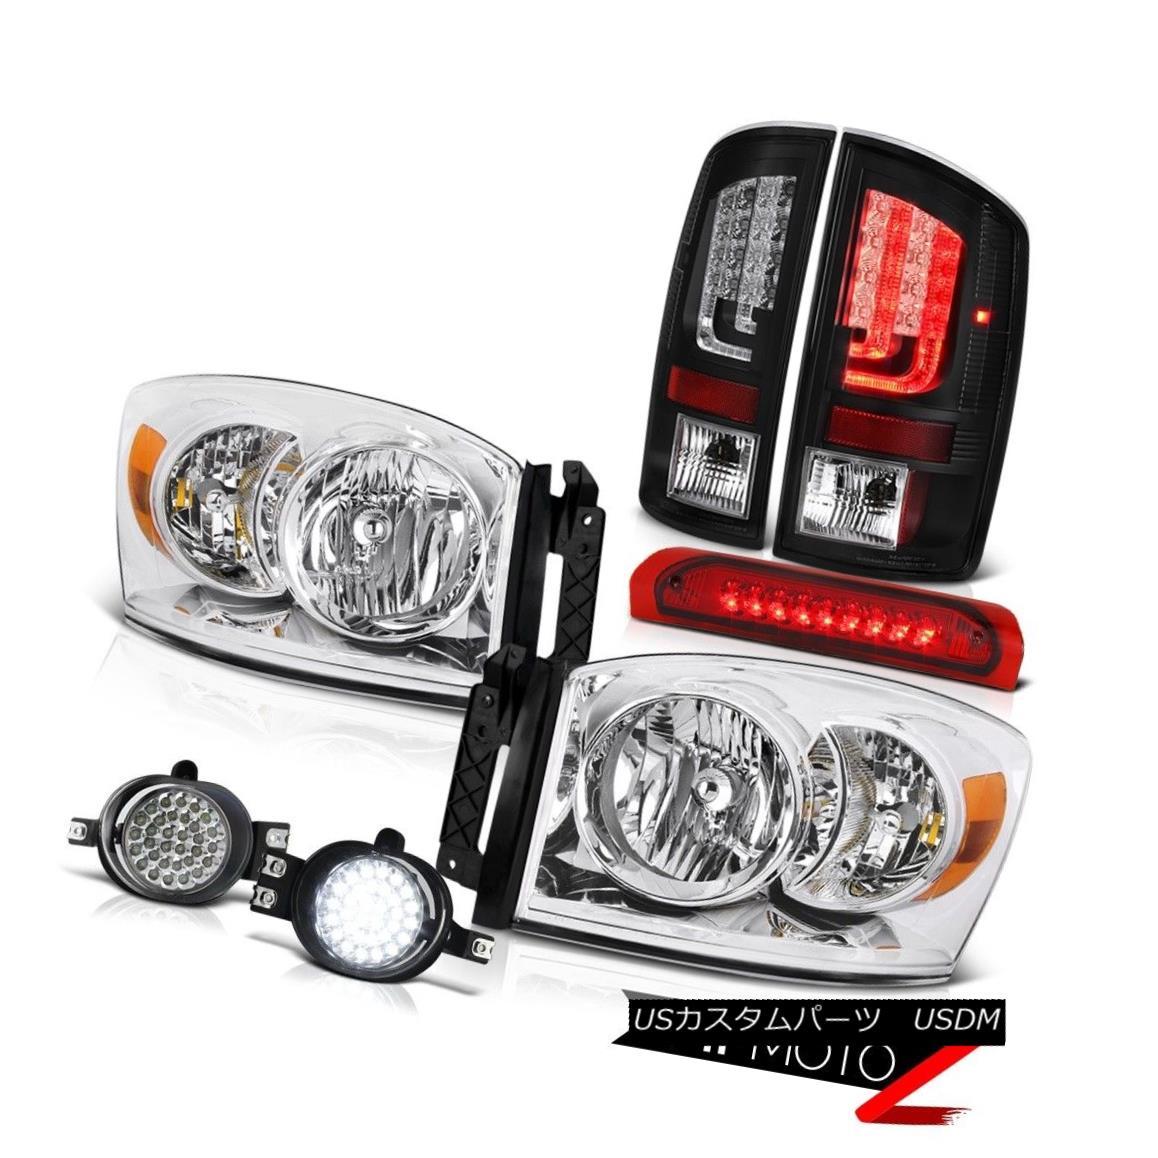 テールライト 07-08 Dodge Ram 1500 WS Tail Lights Headlights Fog Roof Cab Light Oe STyle SMD 07-08 Dodge Ram 1500 WSテールライトヘッドライトフォグルーフキャブライトOe STyle SMD